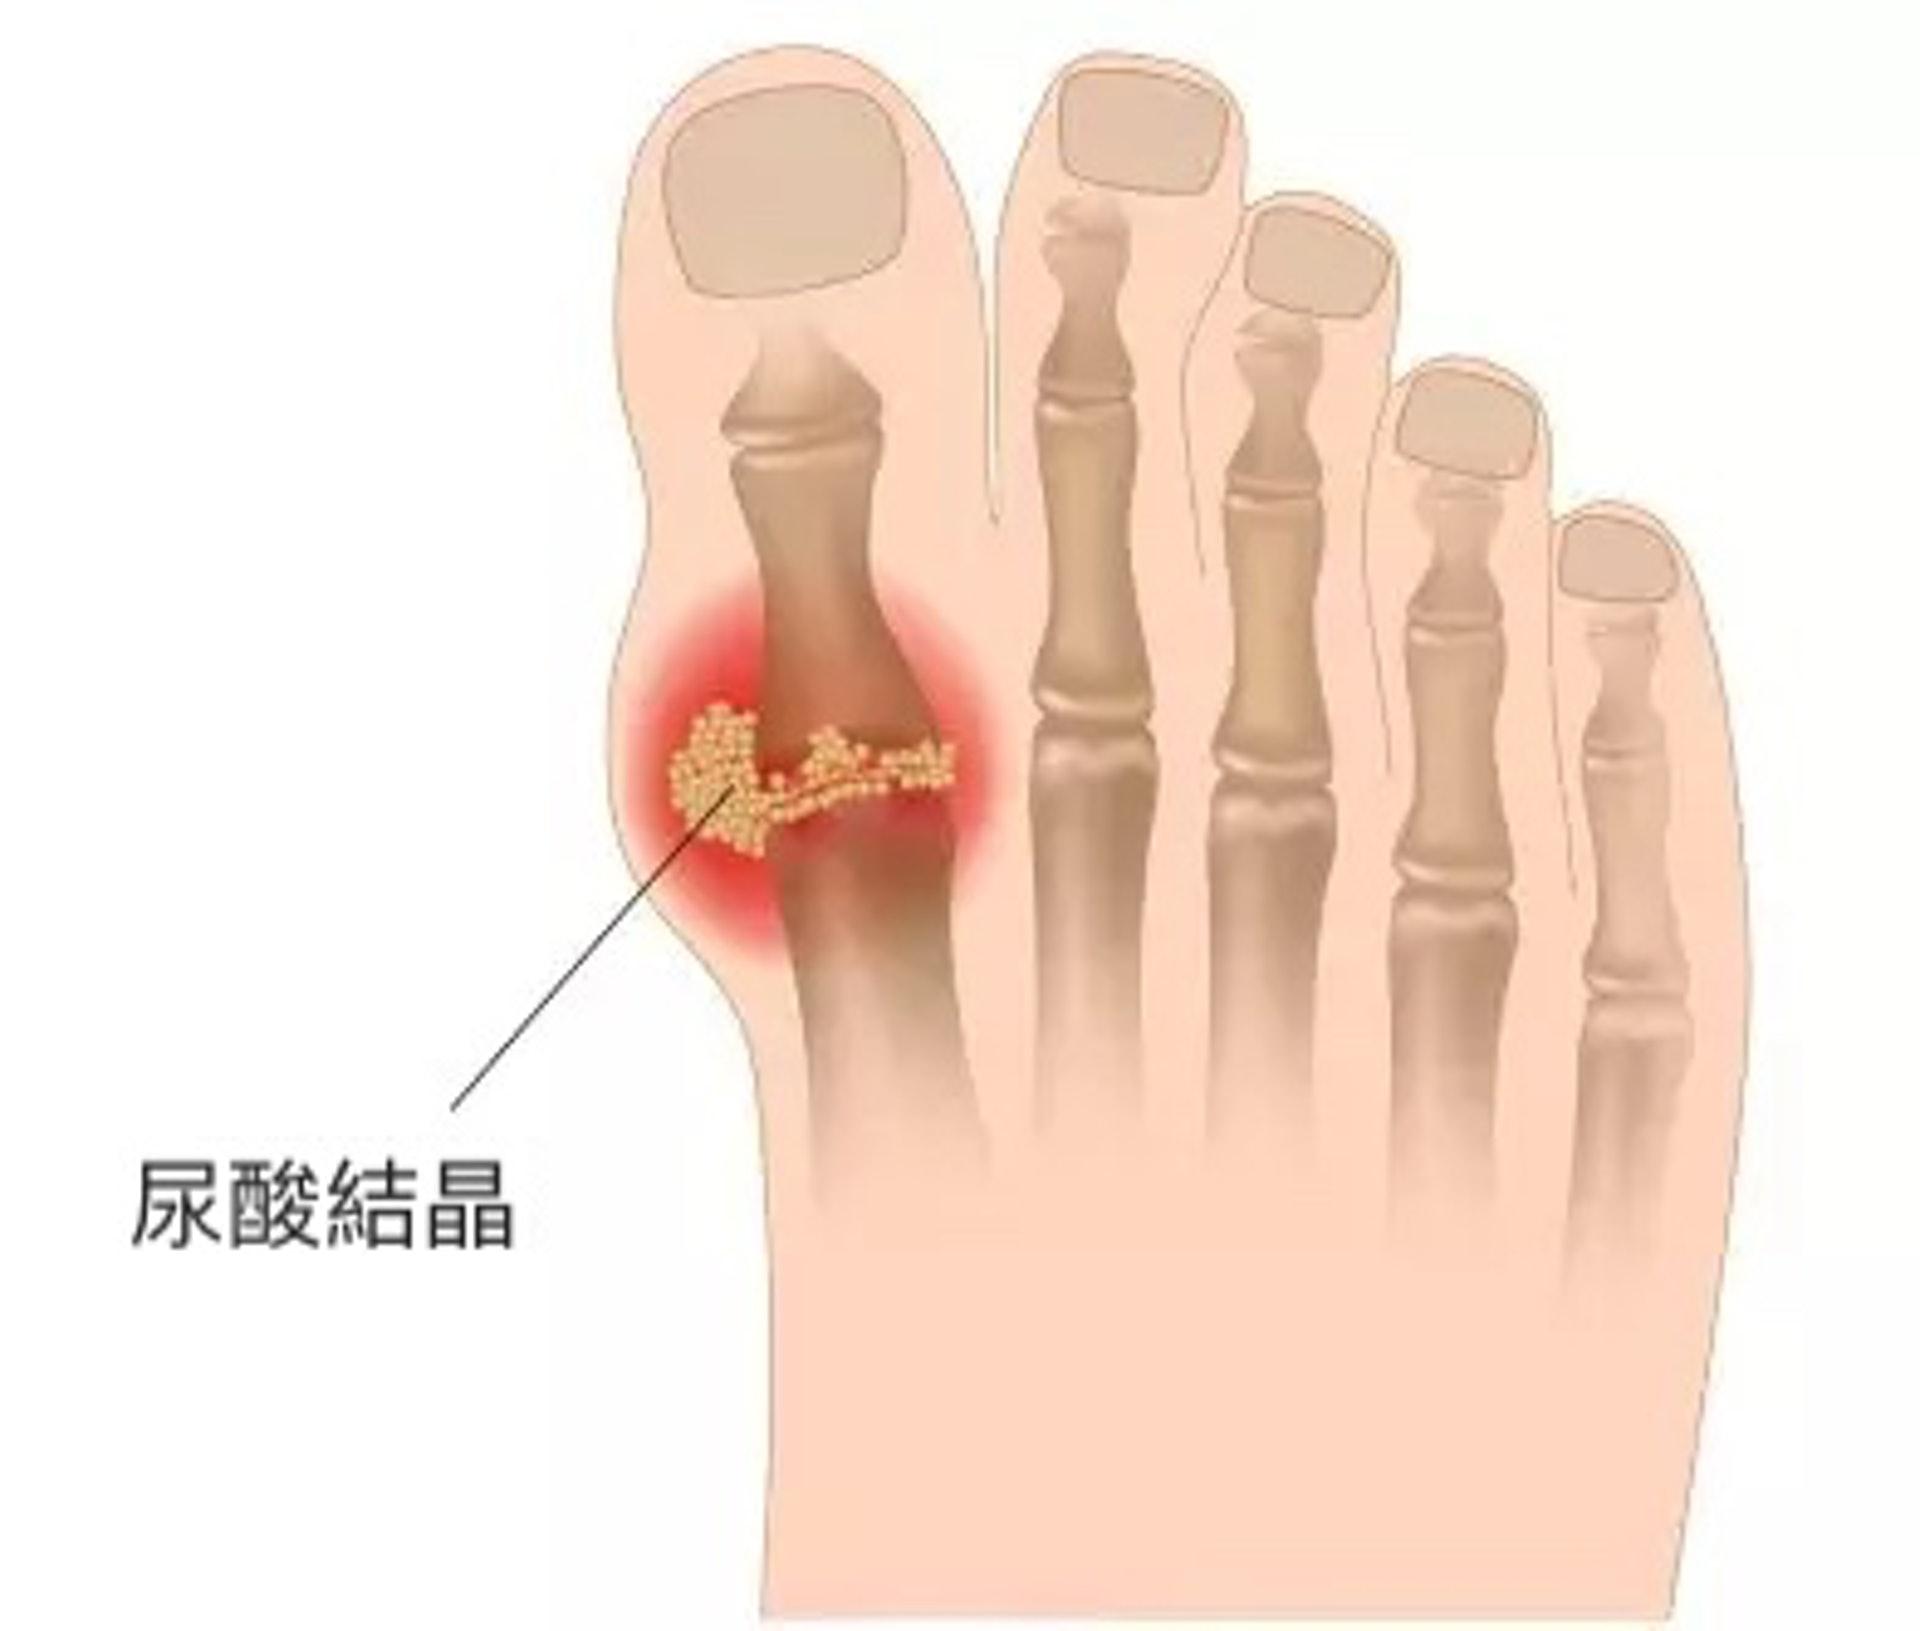 「痛風」全名是「痛風性關節炎」,因過量的尿酸會在體內累積,形成結晶體,沉積在關節處,引致關節發炎和劇痛。(圖片:ifun01)